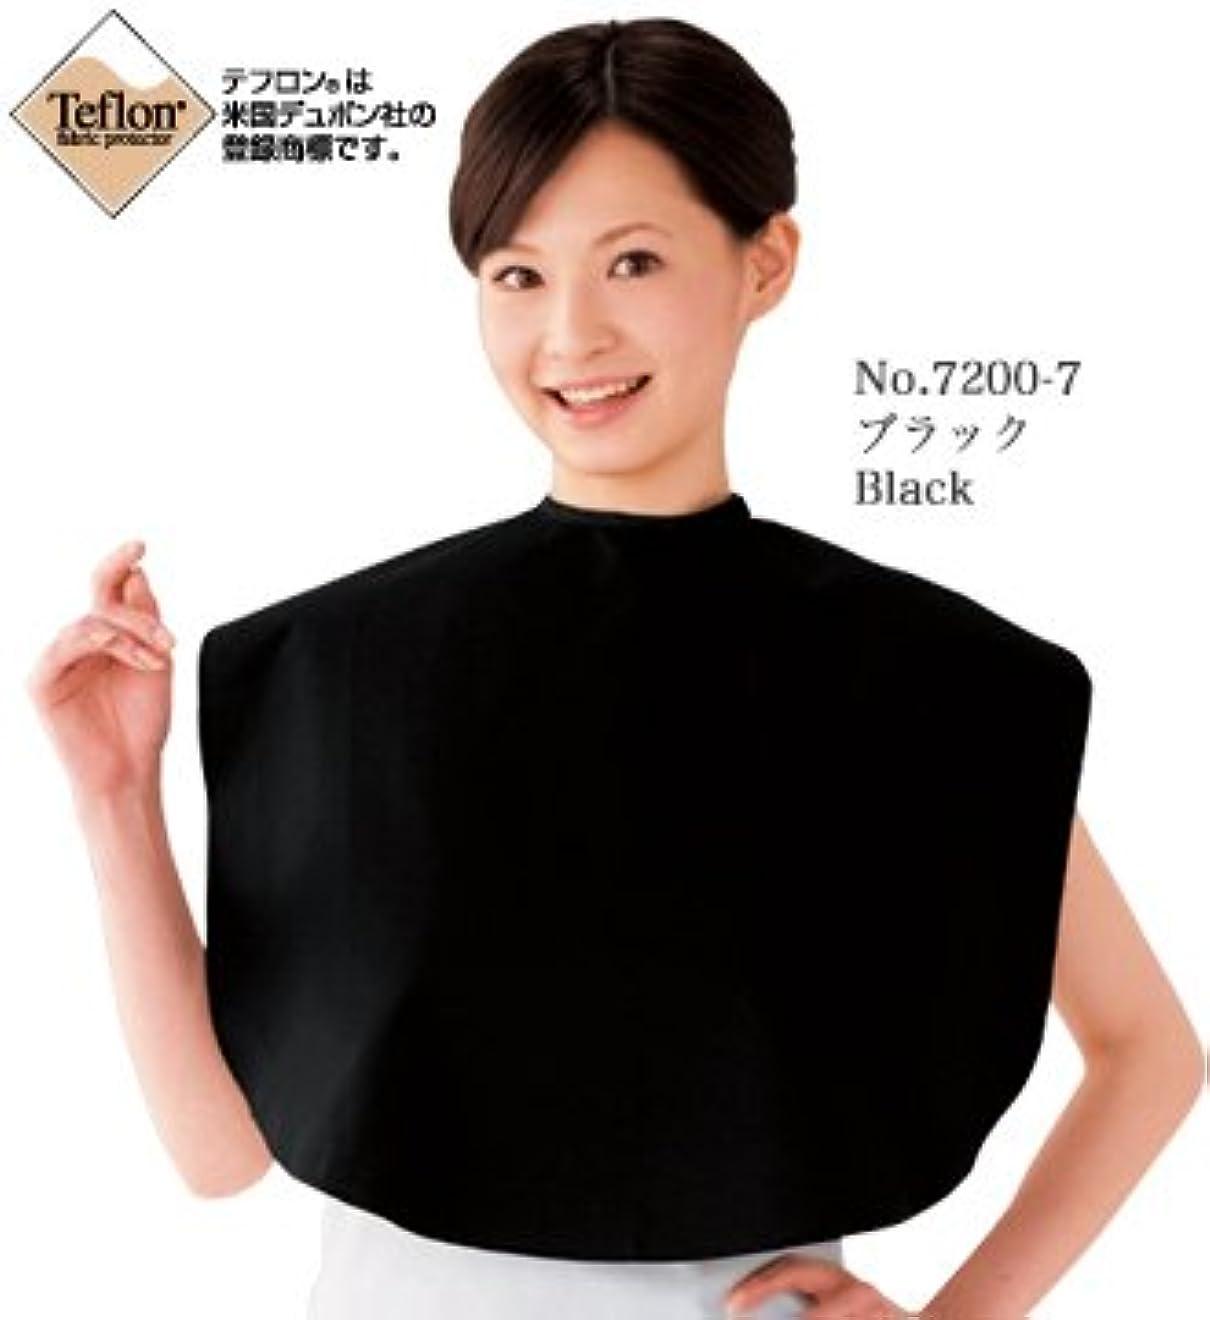 化石囚人合わせてワコウ No.7200 メイクアップケープ (ミニサイズ) 超撥水タイプ WAKO (ブラック)7200-7